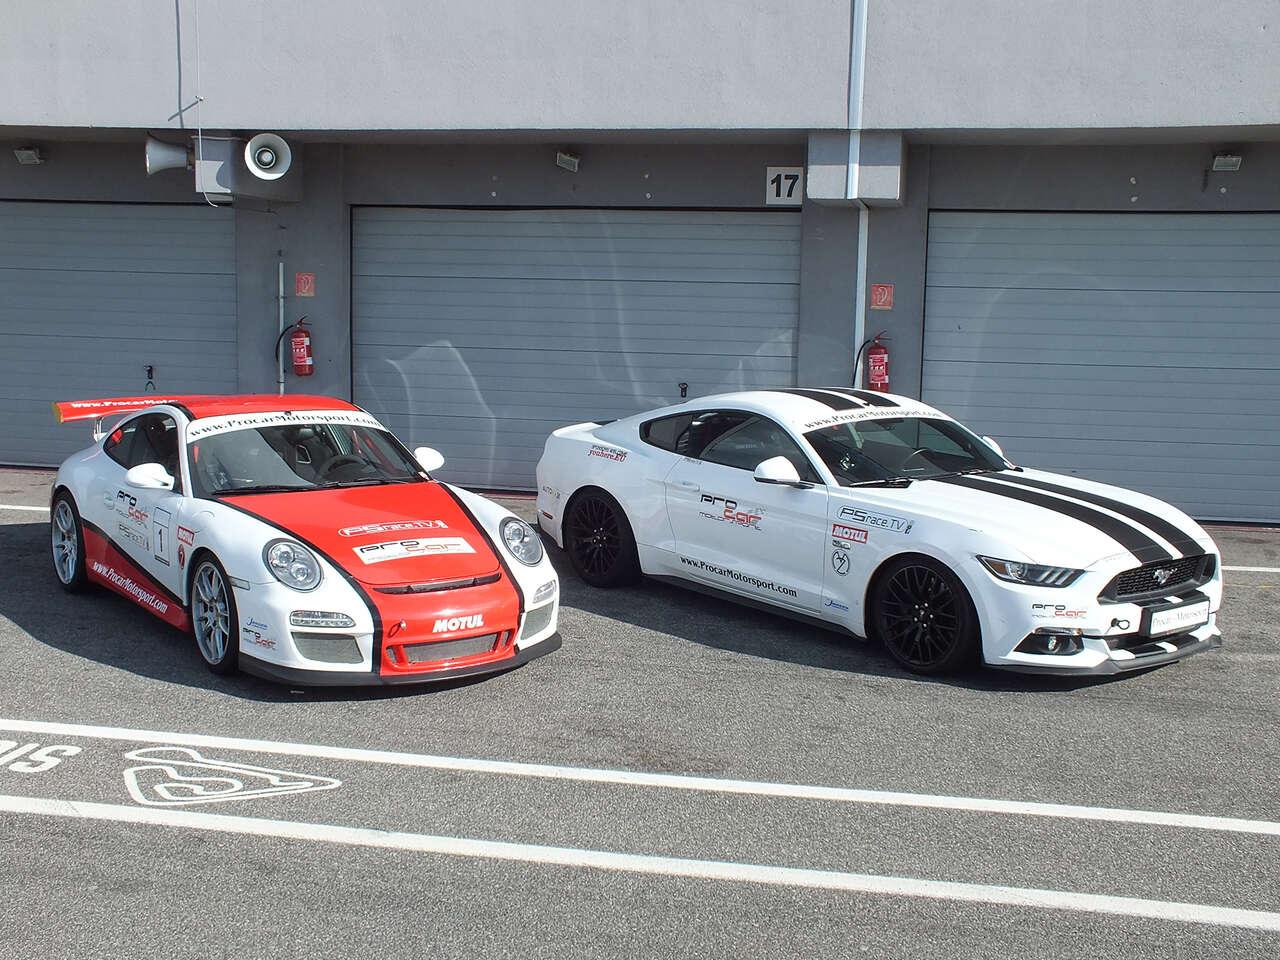 Jazda na pretekárskom okruhu Slovakia Ring na vozidle podľa vášho výberu: Jazda na Porsche GT3 alebo Mustangu GT V8